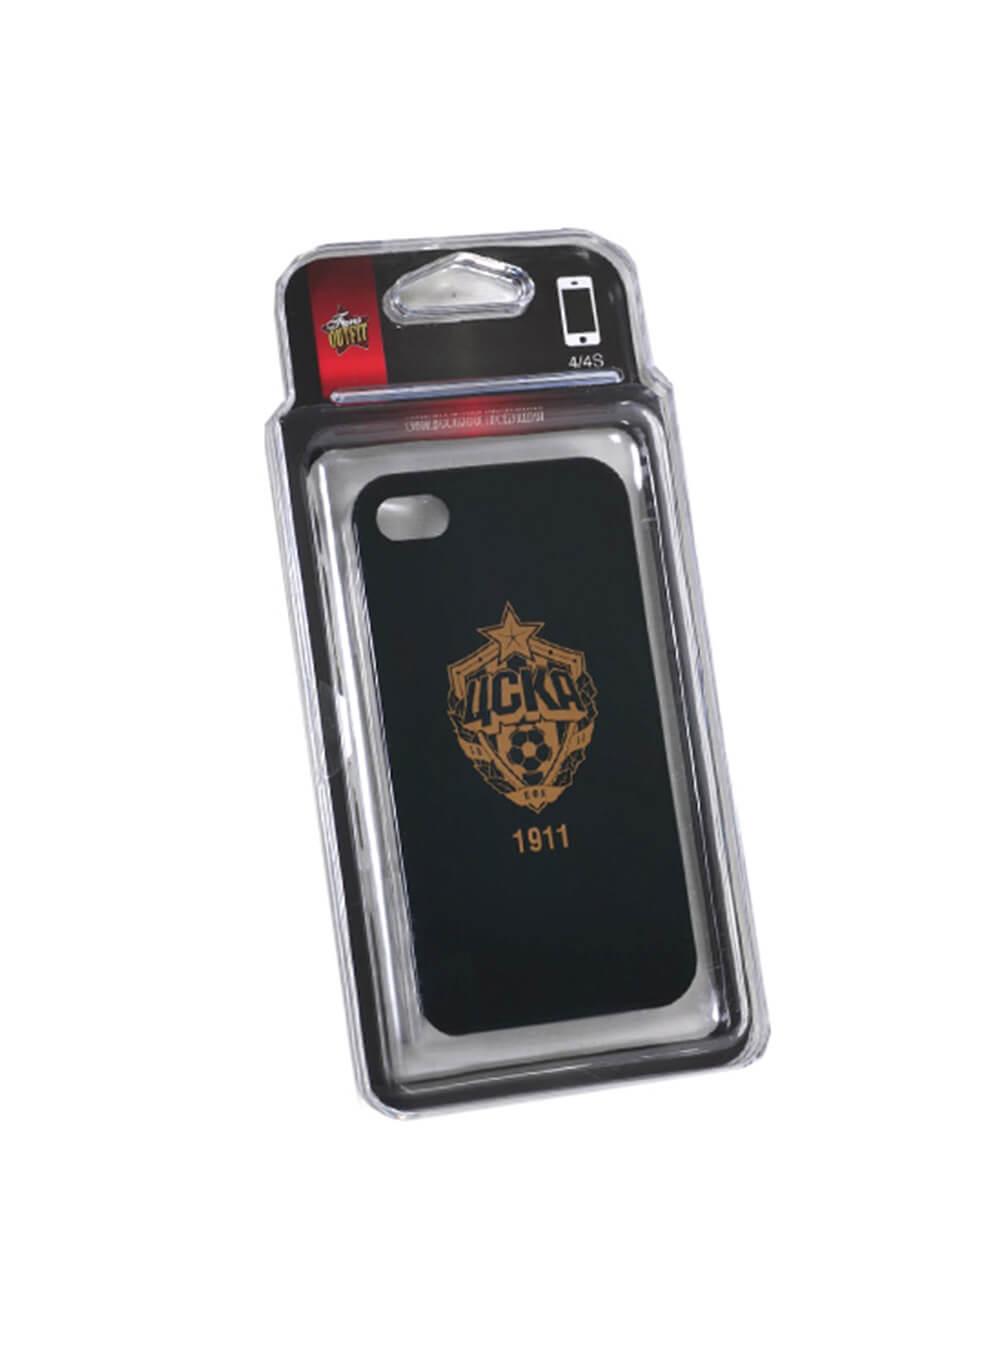 Клип-кейс для iPhone 4/4S черный с золотой эмблемойВсе для мобильного телефона<br>Клип-кейс для iPhone 4/4S черный с золотой эмблемой<br>